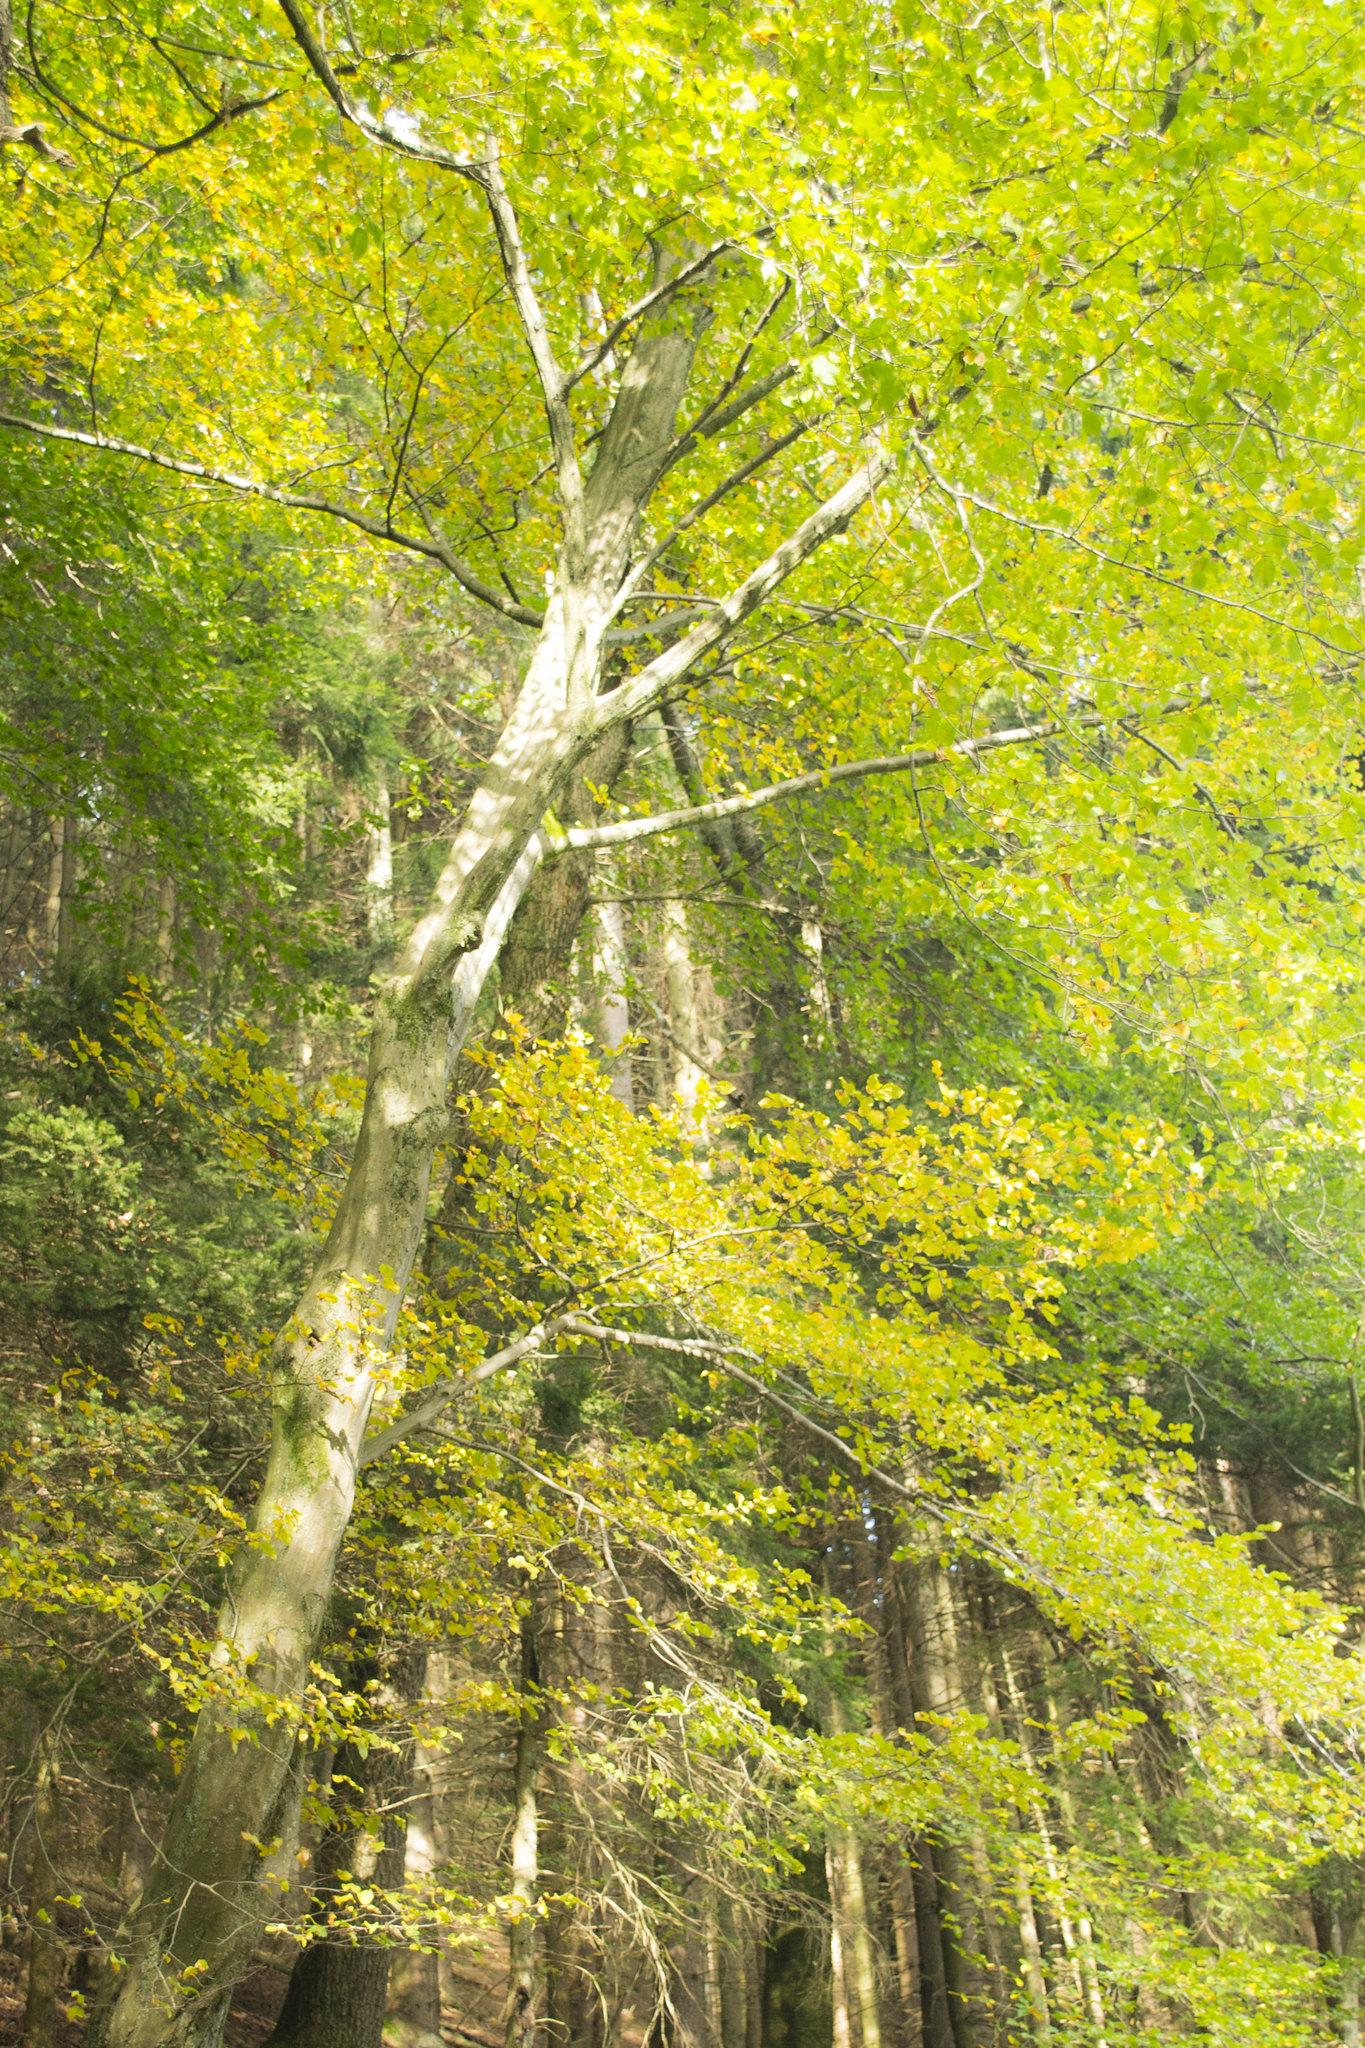 Wald vor lauter Bäumen? [Bildbeschreibung: Viele Bäume mit gelb gefärbten Laub ragen senkrecht auf. Nur ein Baum steht leicht schräg und ragt nach rechts, was in diesem Bild auch vorne ist. Sieht man unten vor allem die Stämme, die die Senkrechte betonen, dominiert oben das gelbe und grüne Laub.]